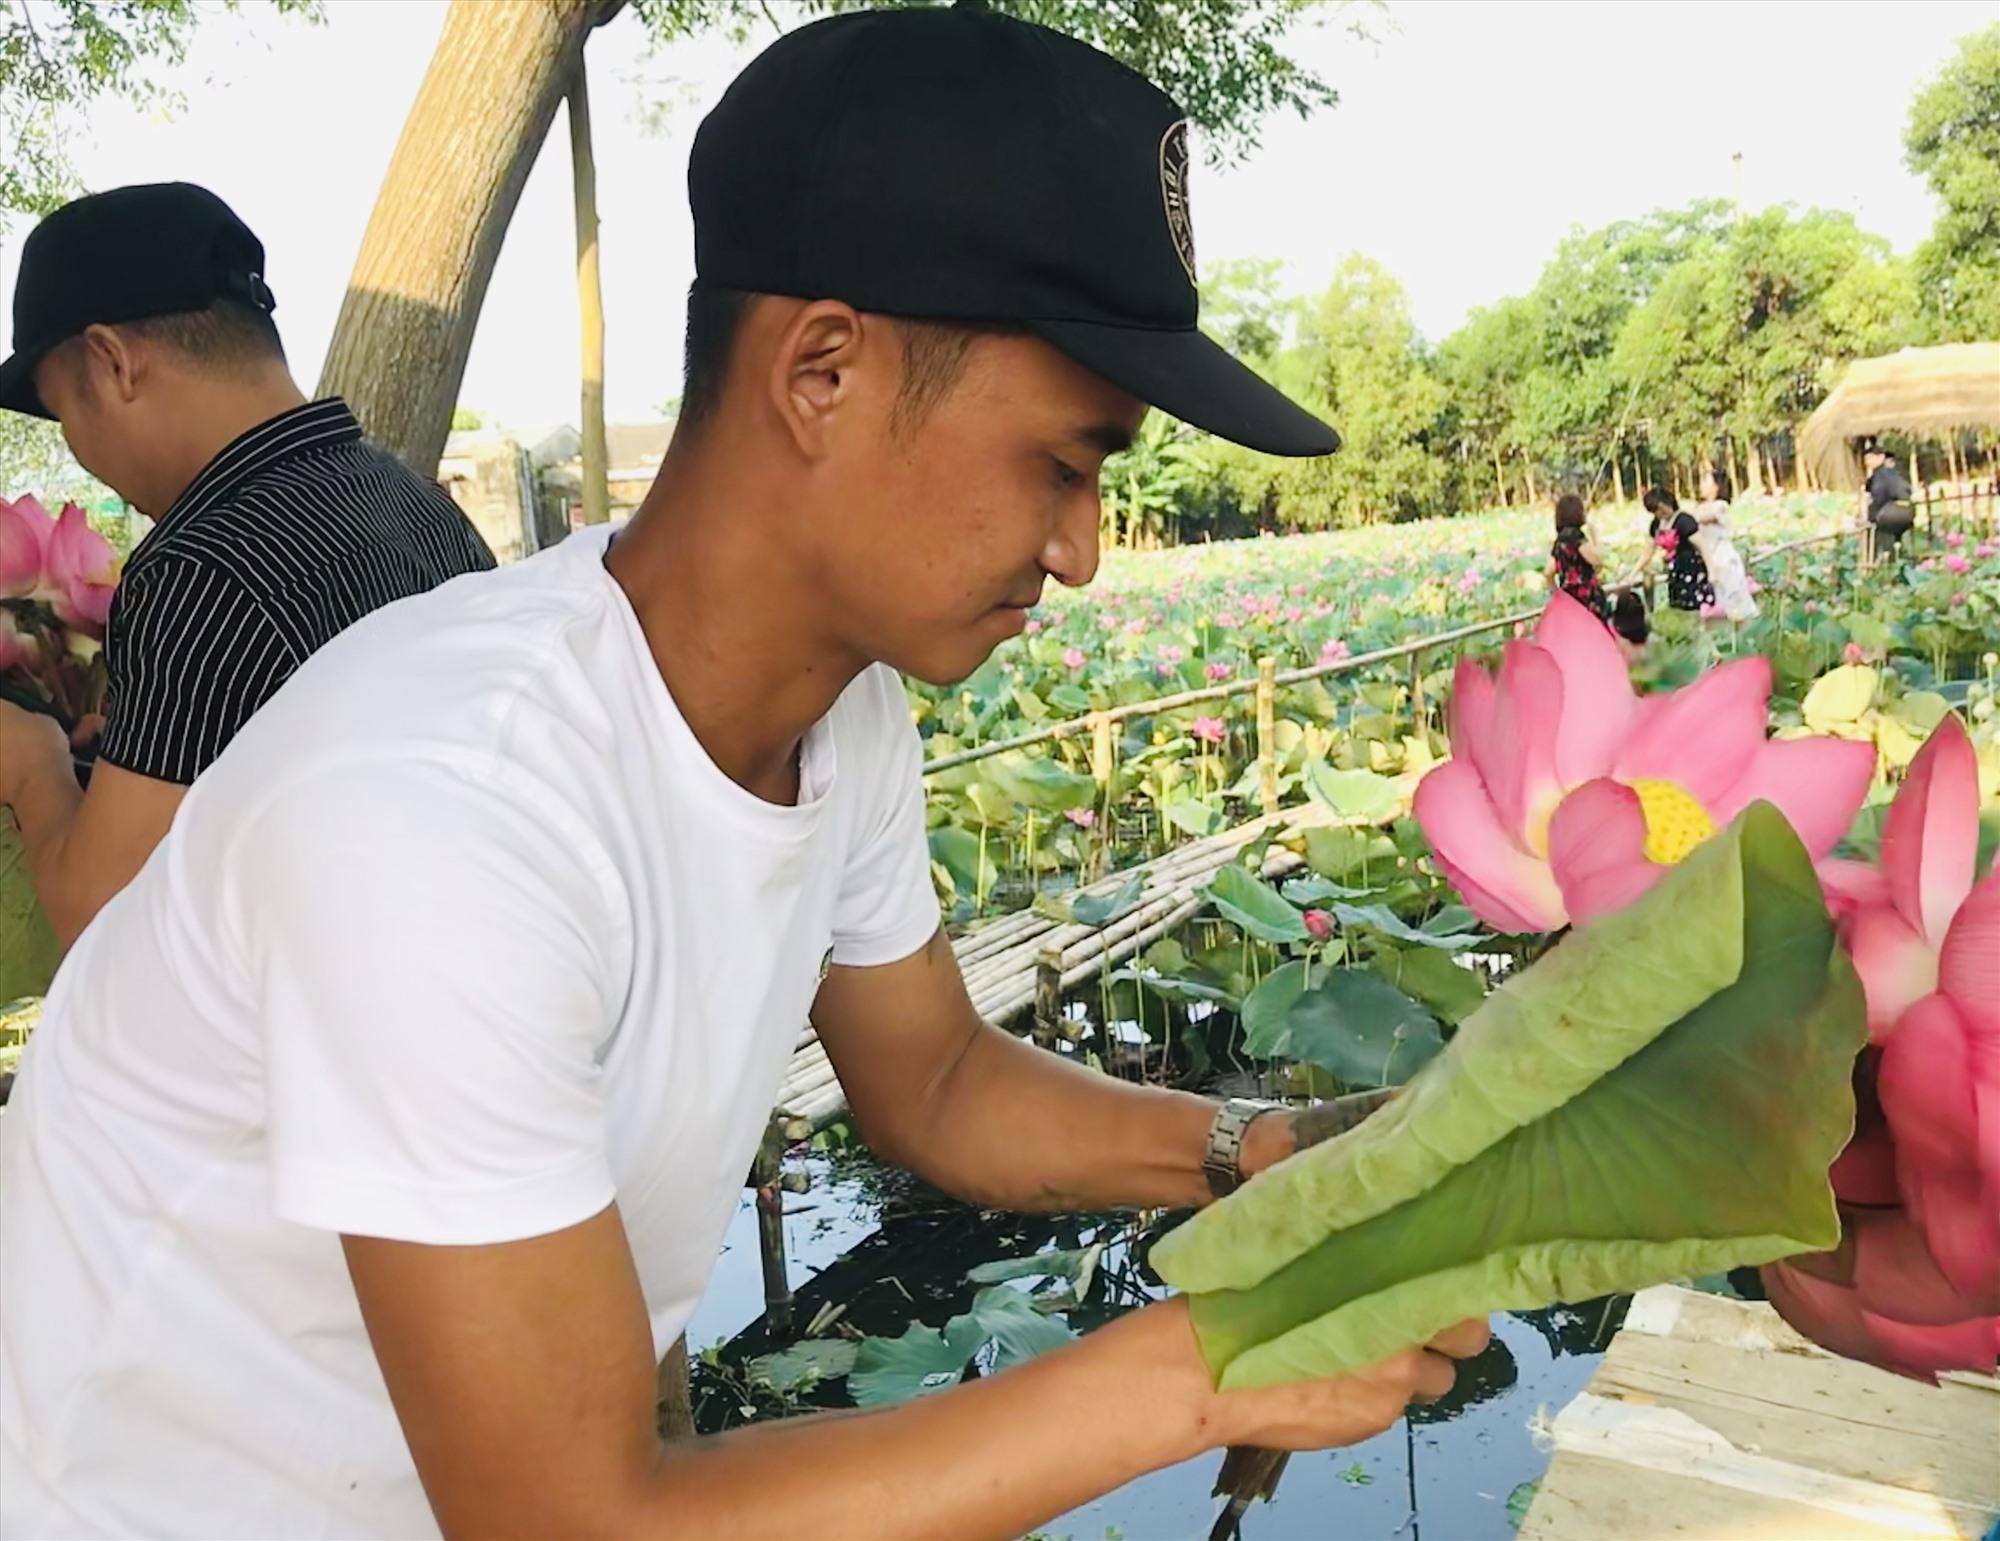 Anh Mai Chí Công (27 tuổi) khởi nghiệp với hồ sen rộng 1ha kết hợp du lịch ở thôn Nông Sơn 1, xã Điện Phước, Điện Bàn. Ảnh: C.N